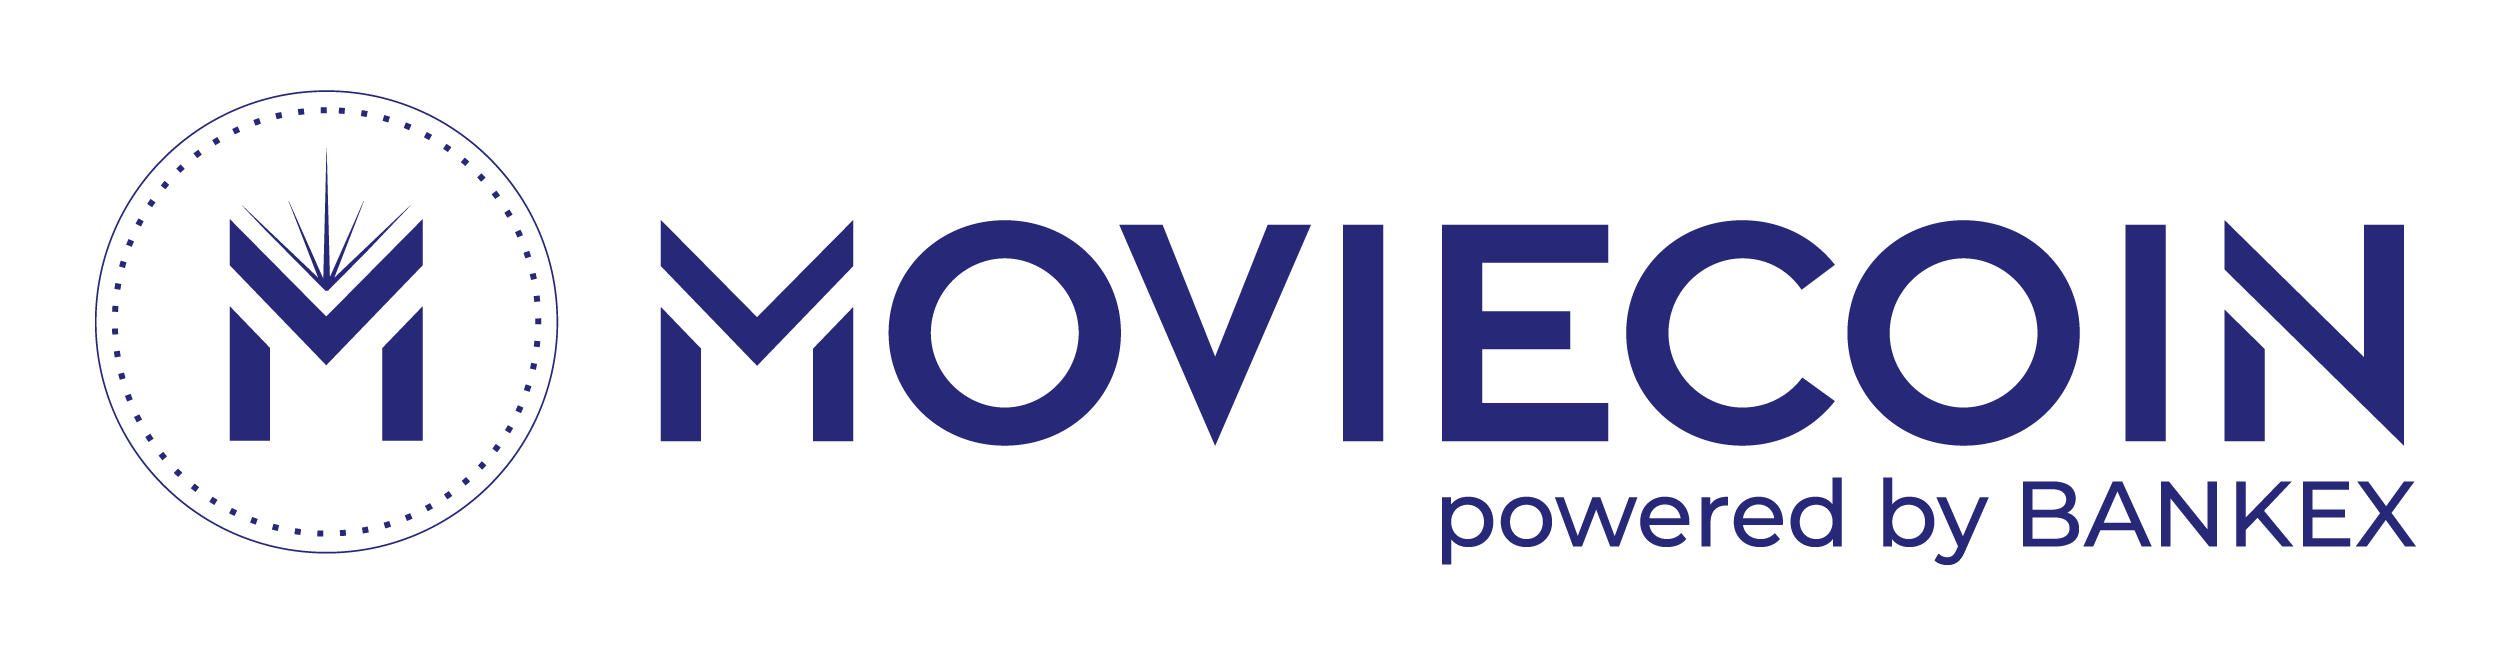 Moviecoin